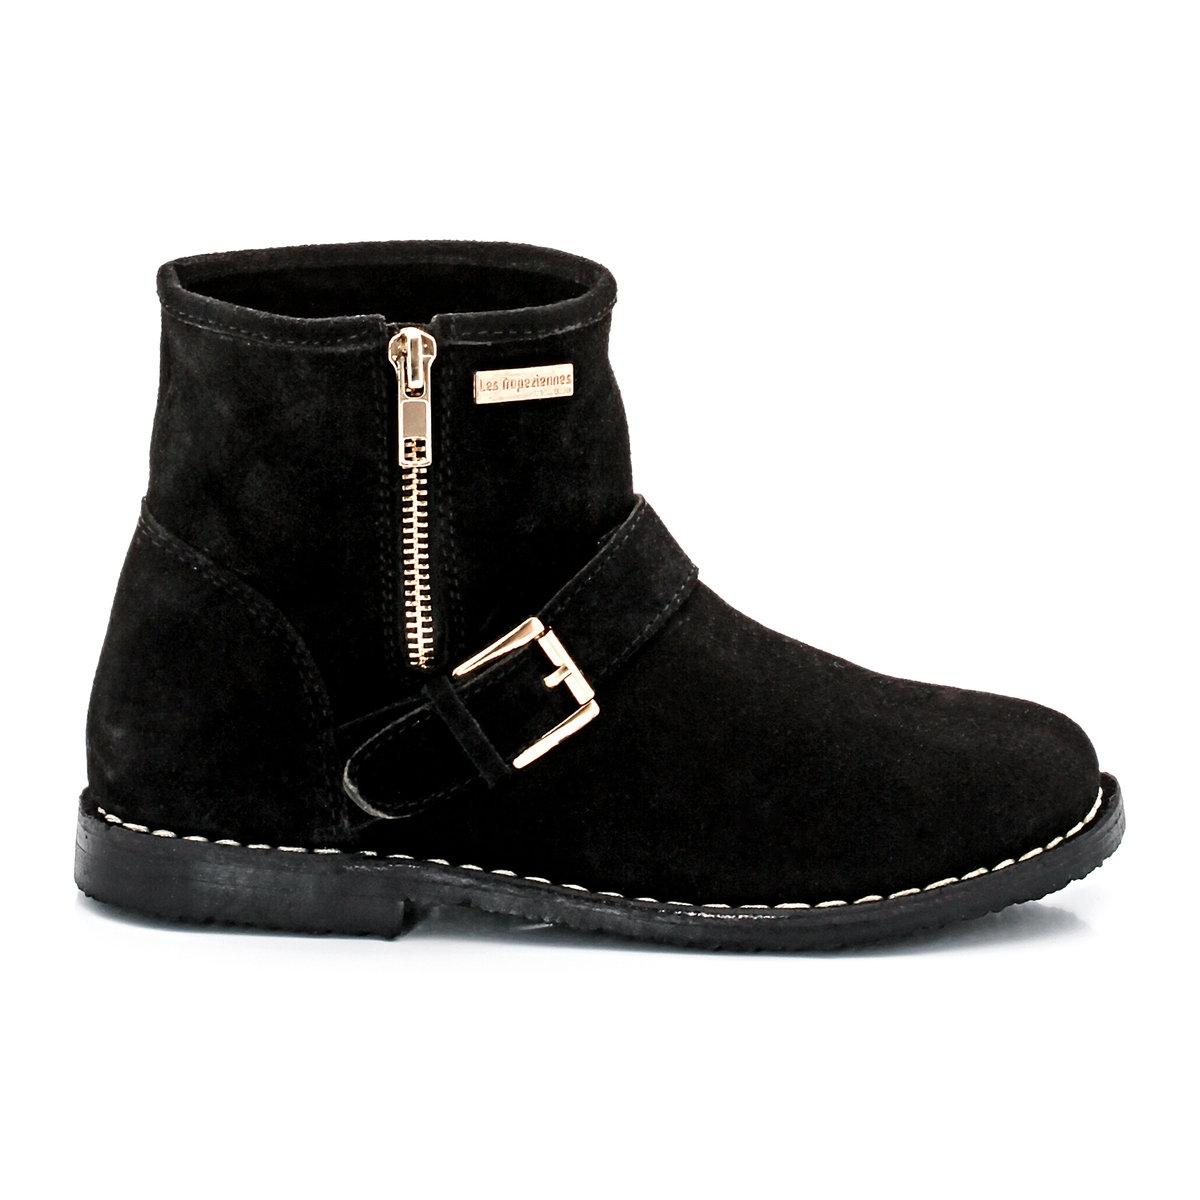 Сапоги Louange из невыделанной кожиОригинальная застежка на молнию и стильные детали - модные сапоги в рокерском стиле доставят удовольствие ребенку в этом сезоне!<br><br>Цвет: черный<br>Размер: 32.33